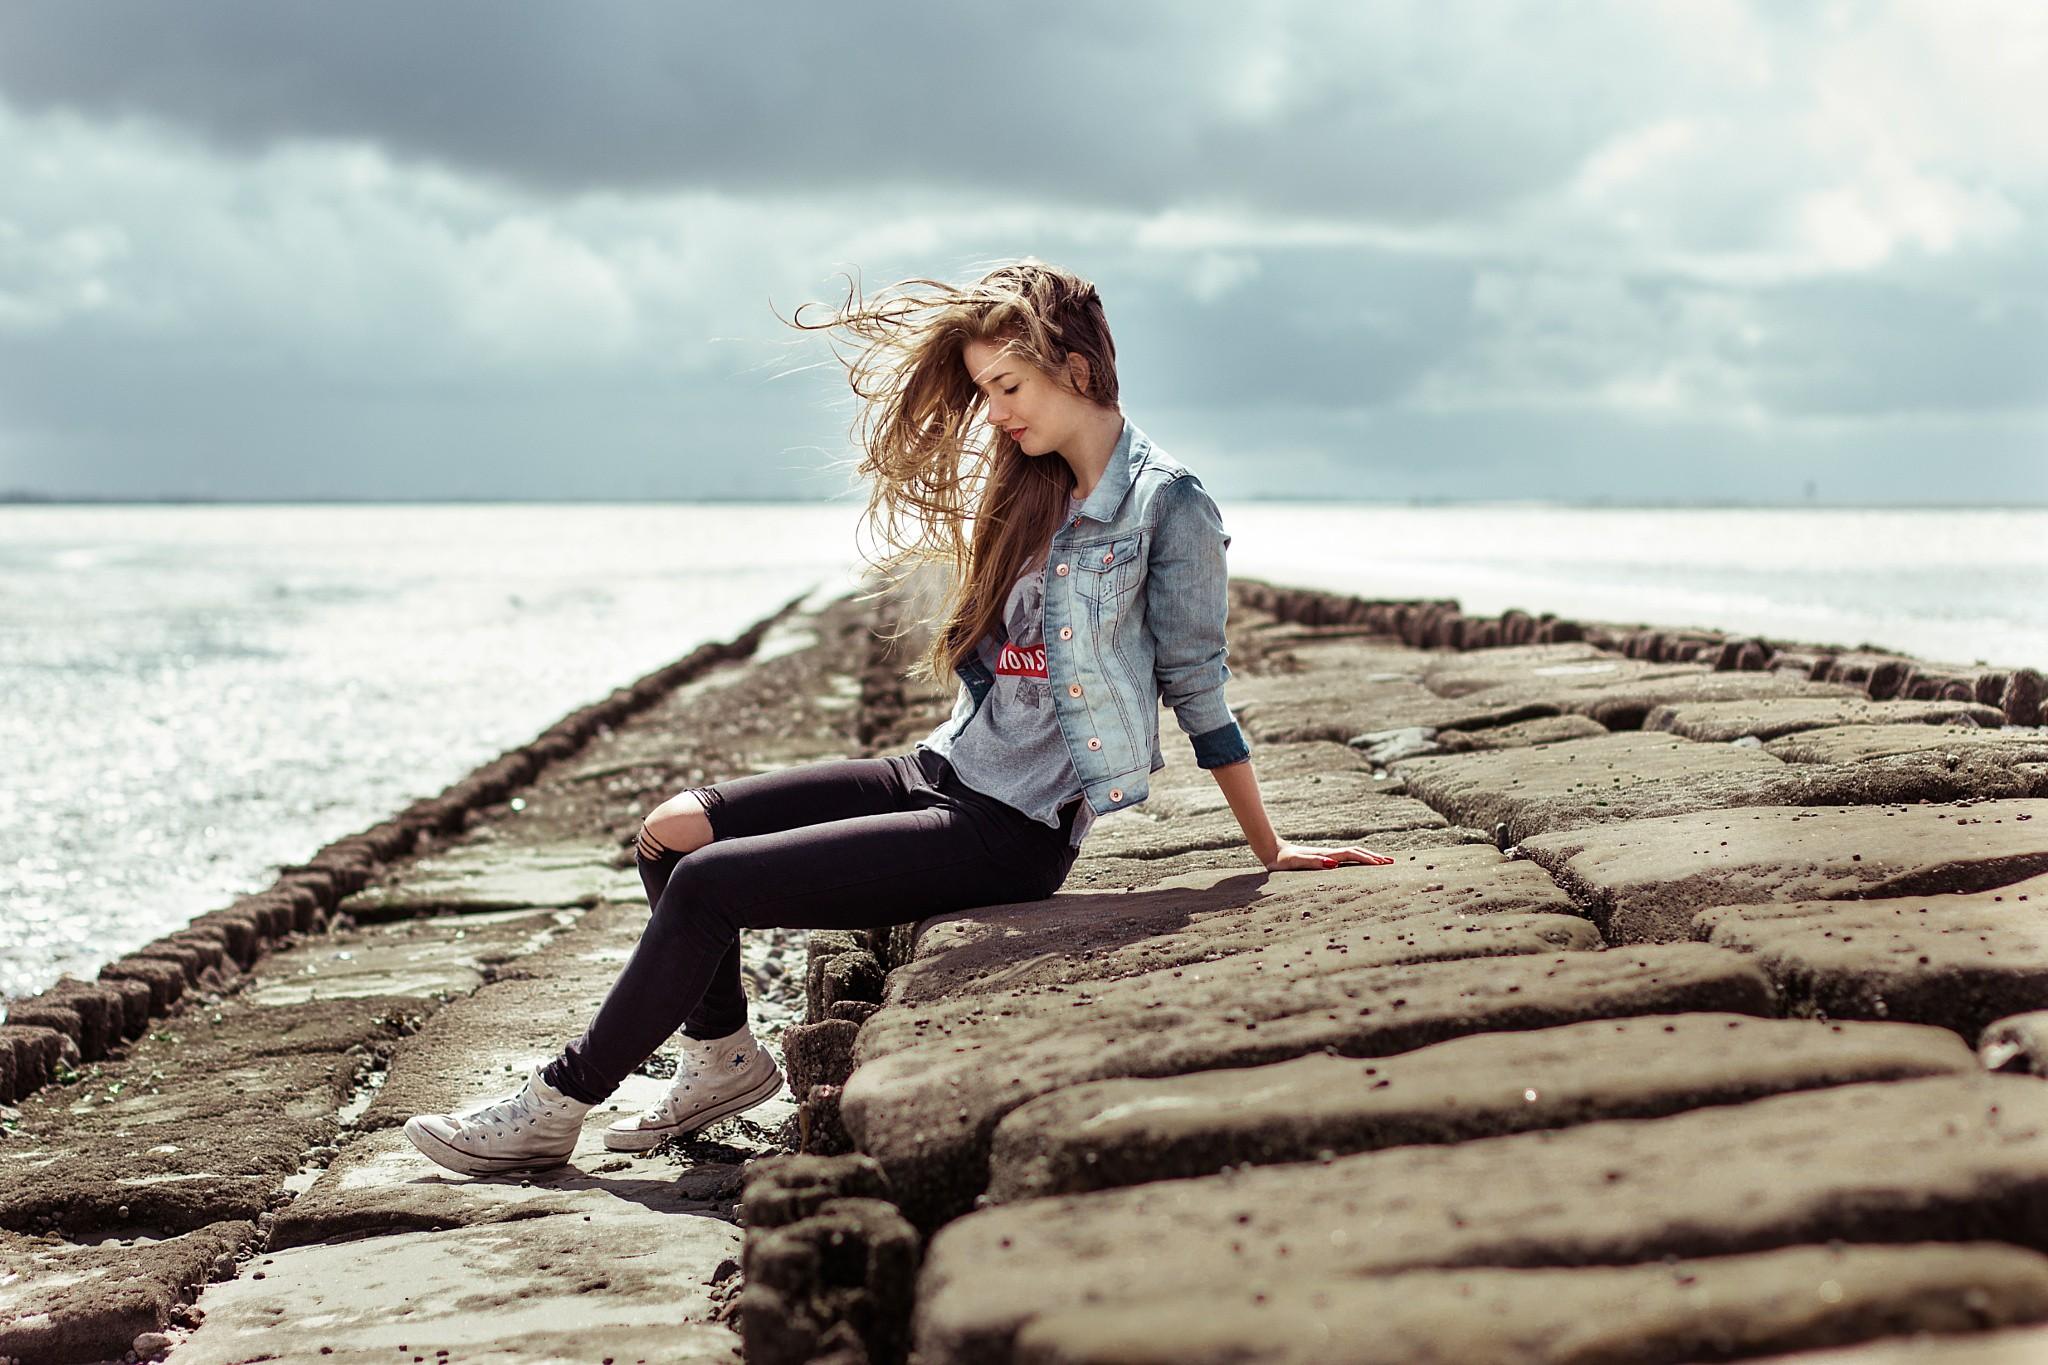 мне фото где девушка сидит на море это всё-таки миф